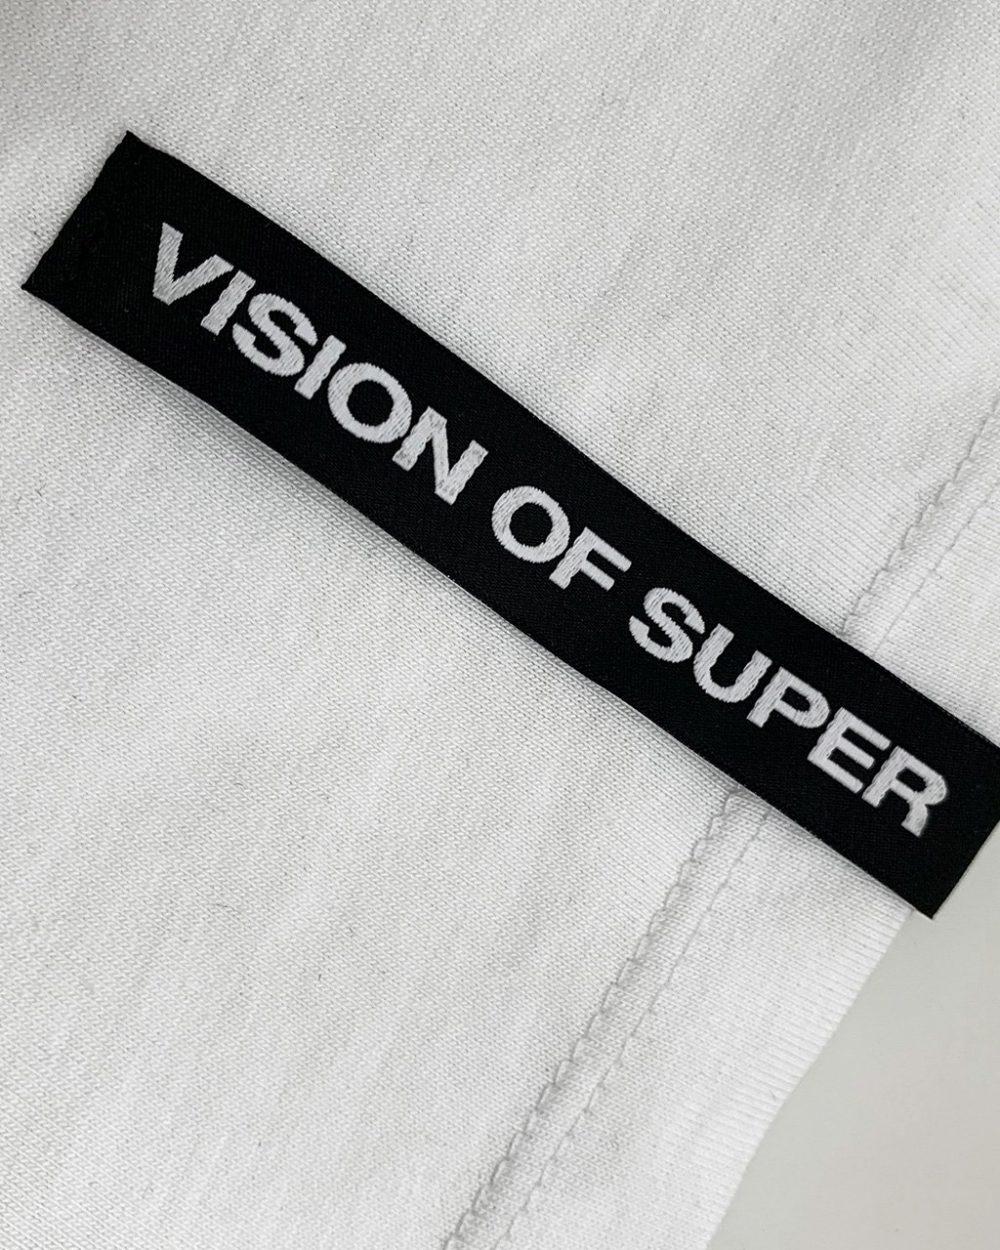 VISIONOFSUPER-FW20-21-TSHIRT-BLACK_5_1800x1800